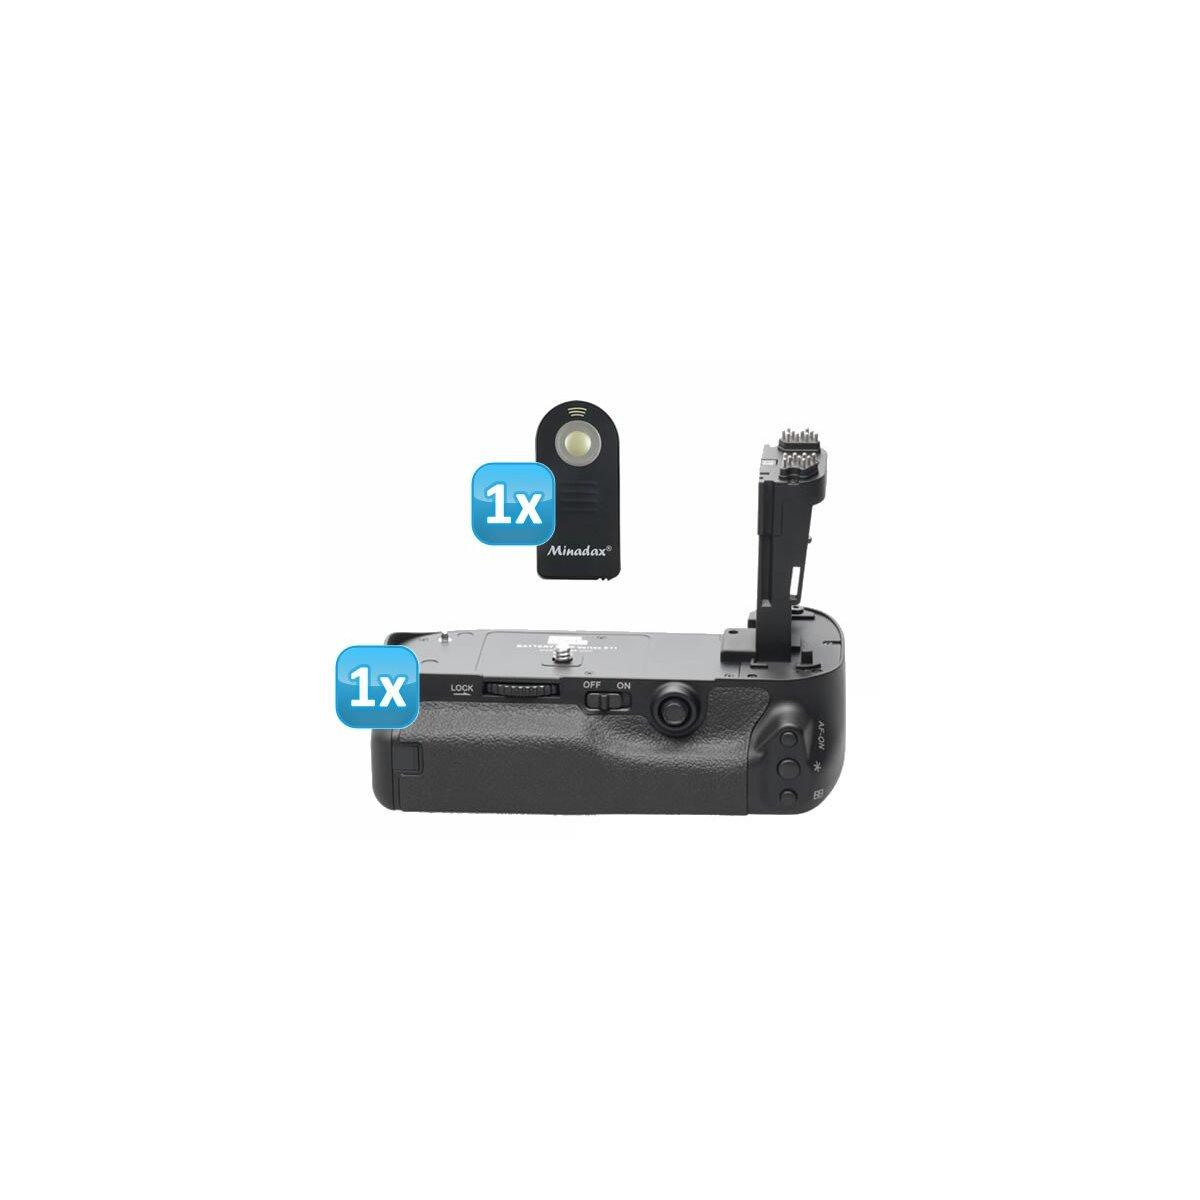 PIXEL Qualitäts Profi Batteriegriff Vertax kompatibel mit Canon EOS 5D Mark III - Multifunktions-Handgriff für 5D Mark 3 Ersatz für BG-E11 + 1x Infrarot Fernbedienung